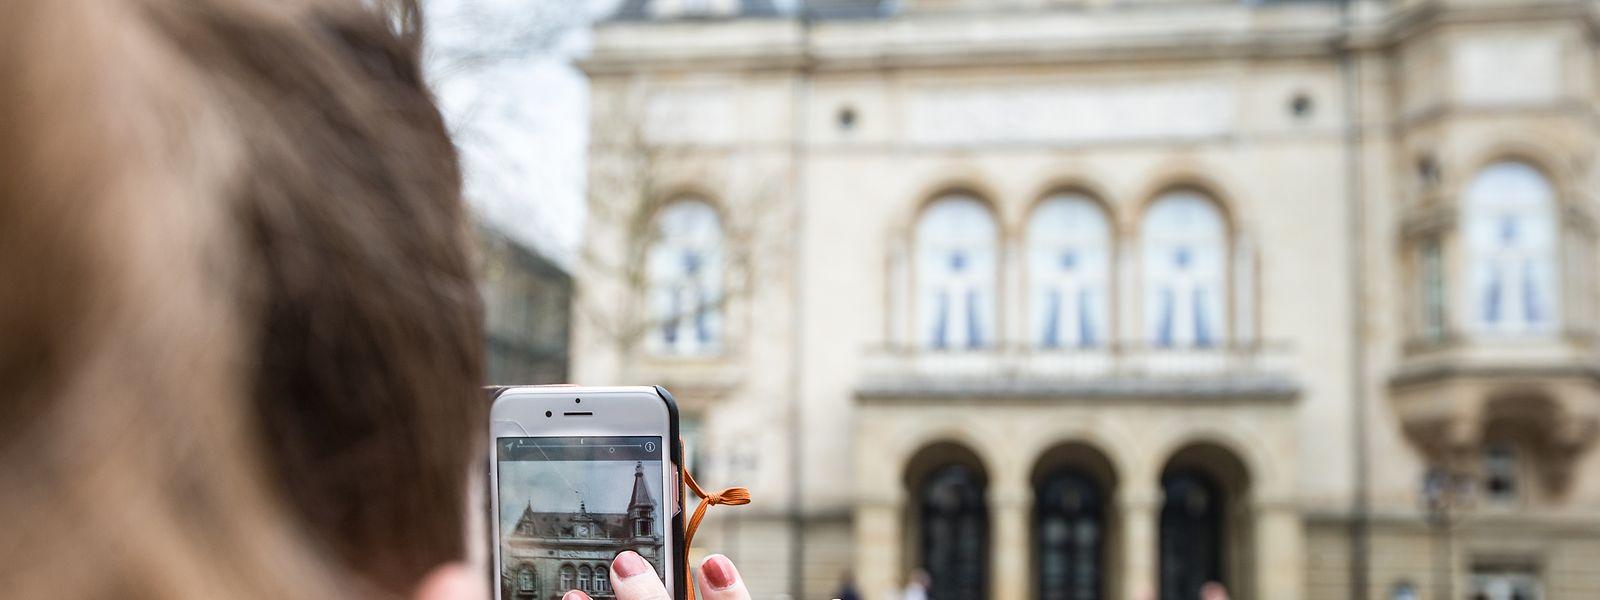 Die Augmented-Reality-App wird überarbeitet und bald in mehreren Sprachen verfügbar sein.